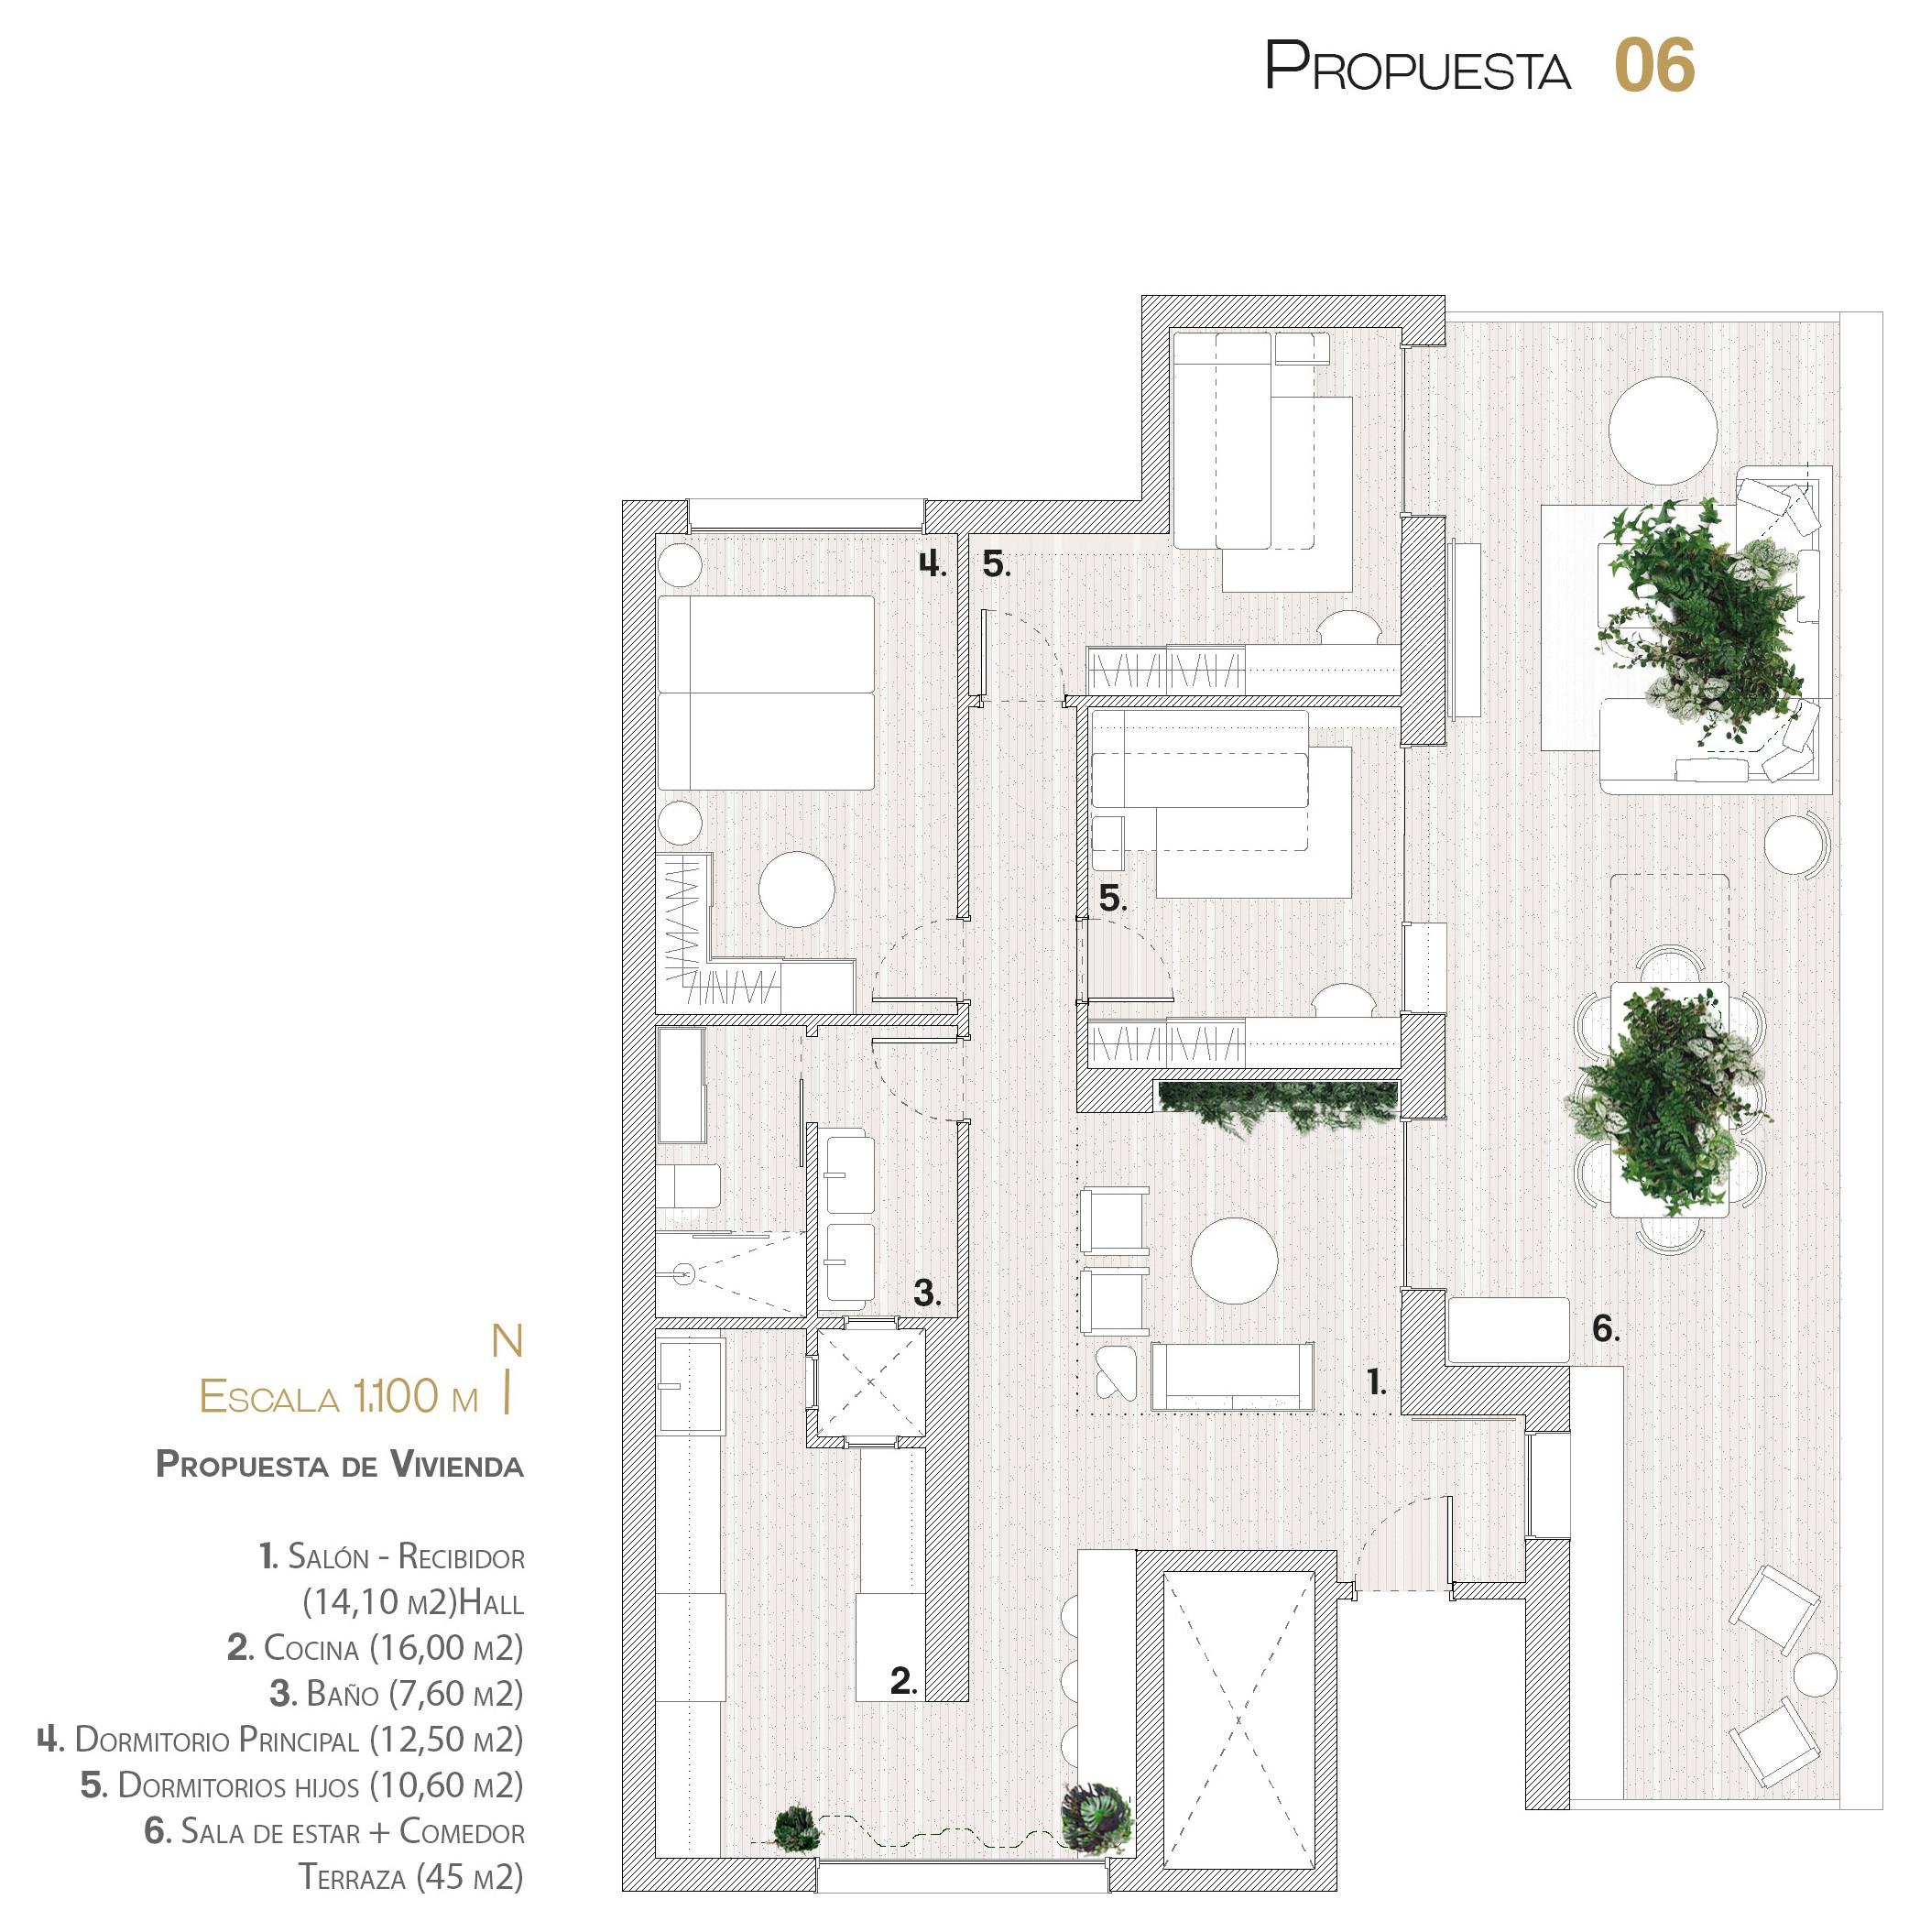 Propuesta de la vivienda